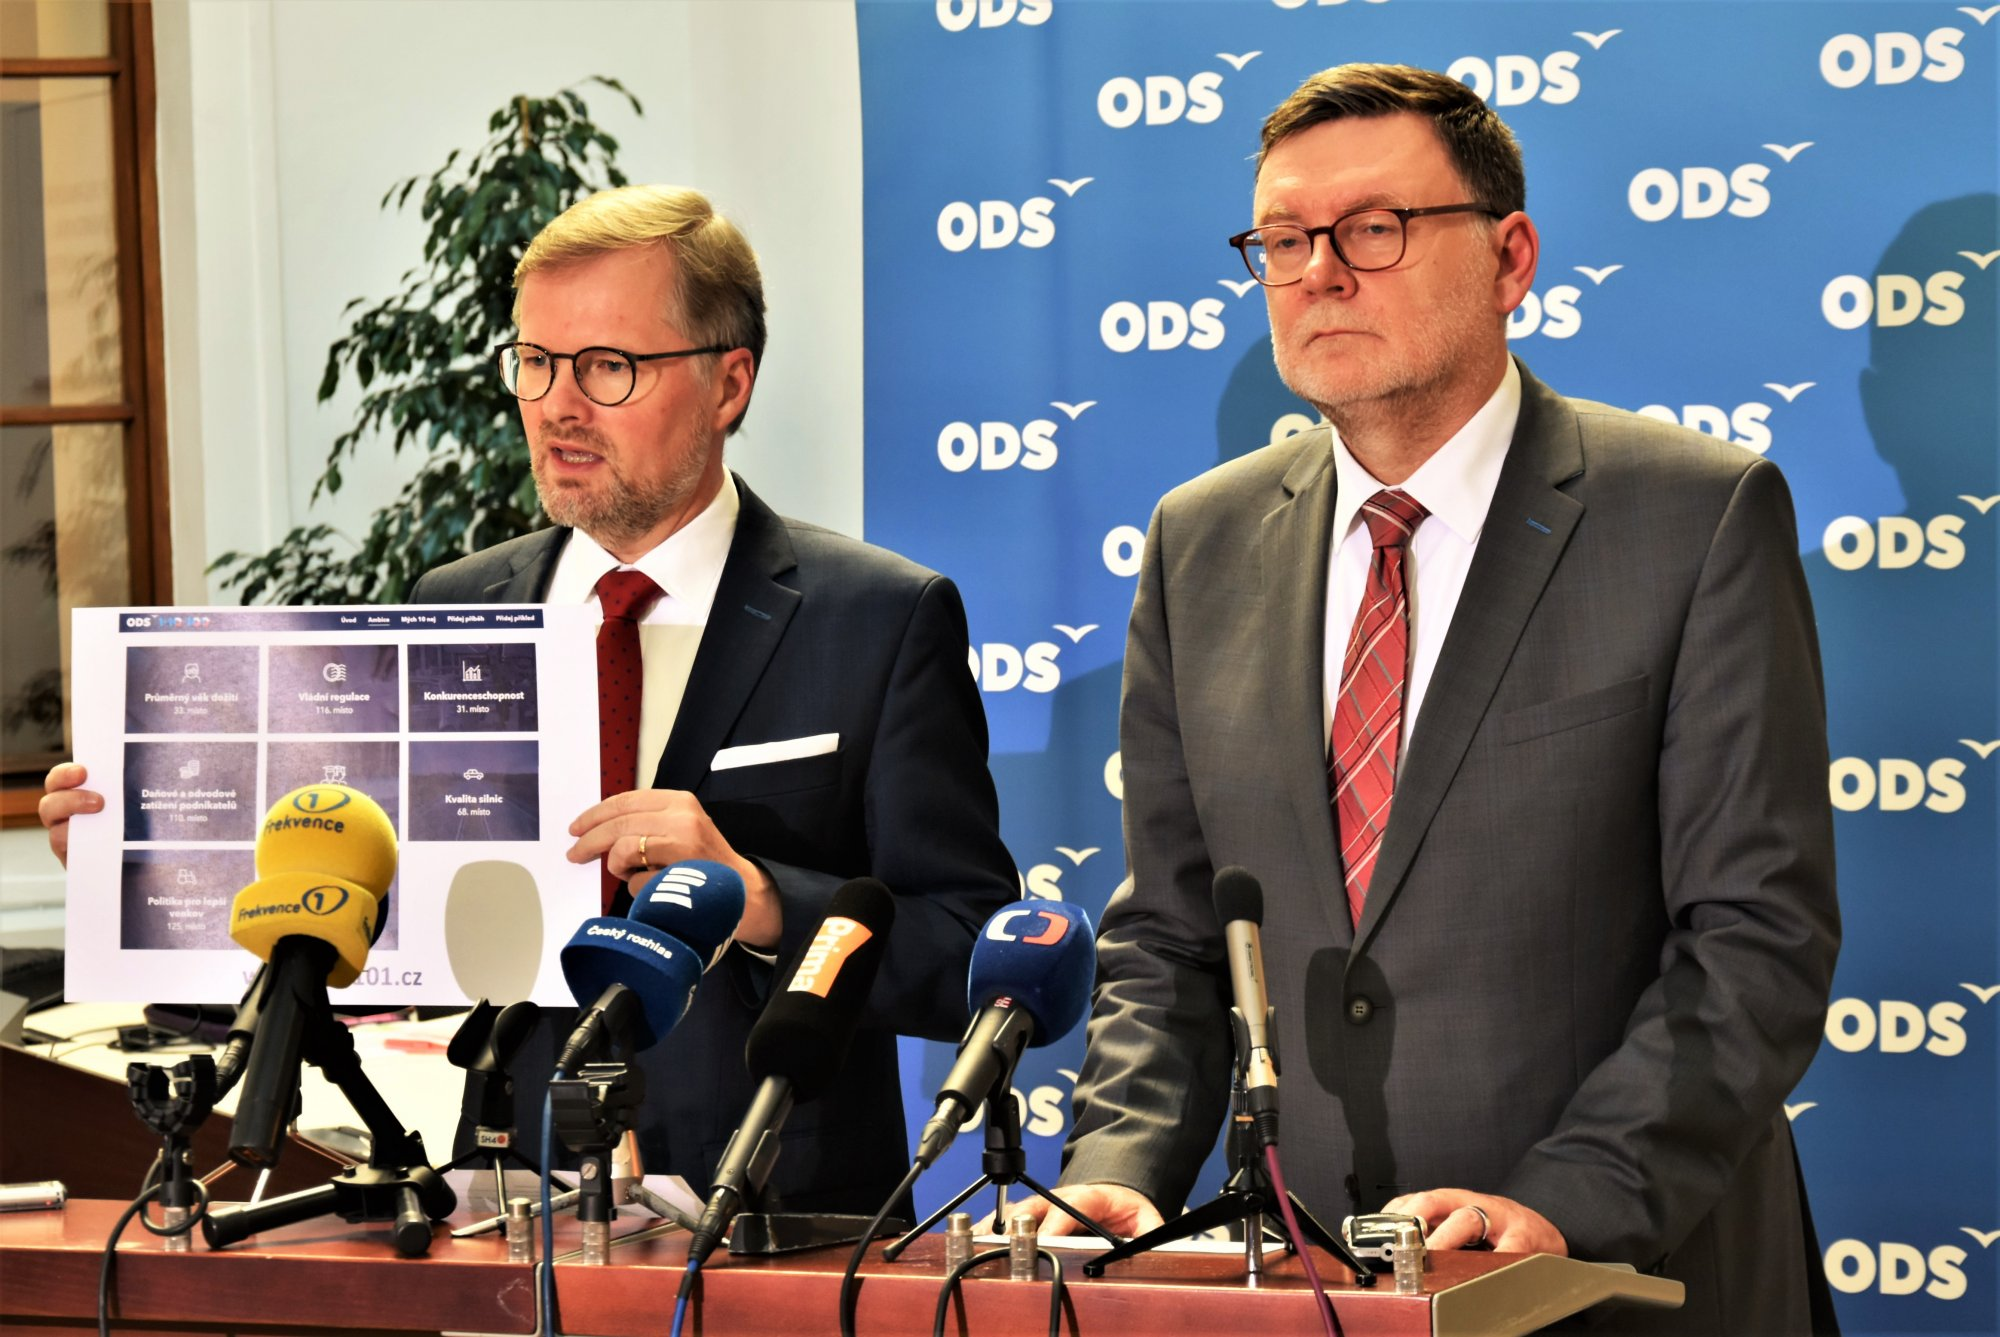 ODS: Náš cíl je jasný. Dostat Českou republiku mezi 10 nejúspěšnějších zemí na světě